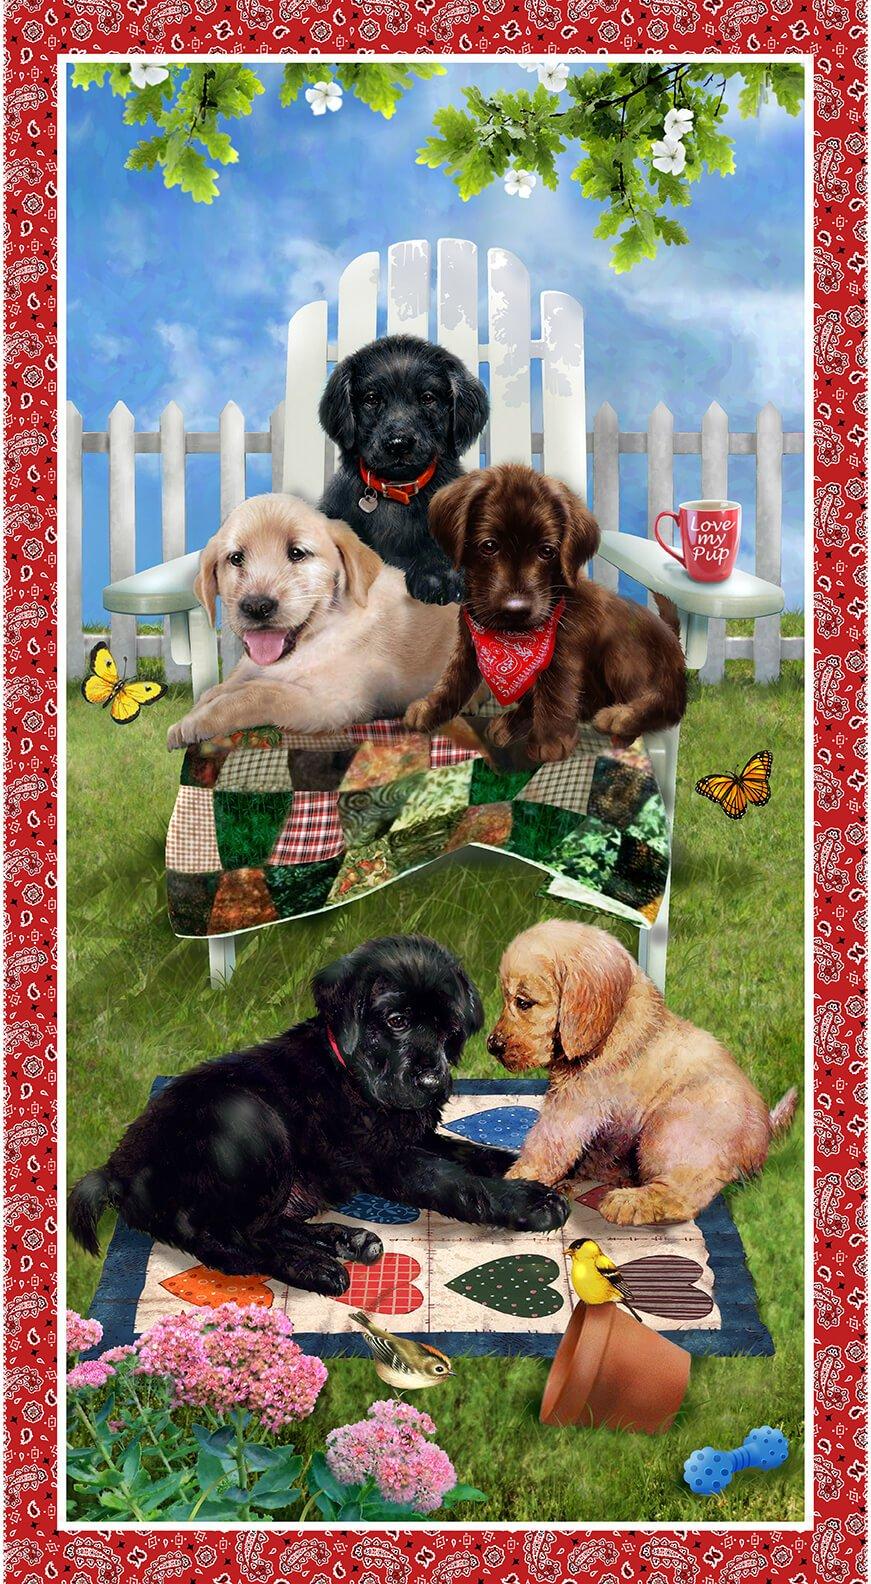 Pups in the Garden 9341-88